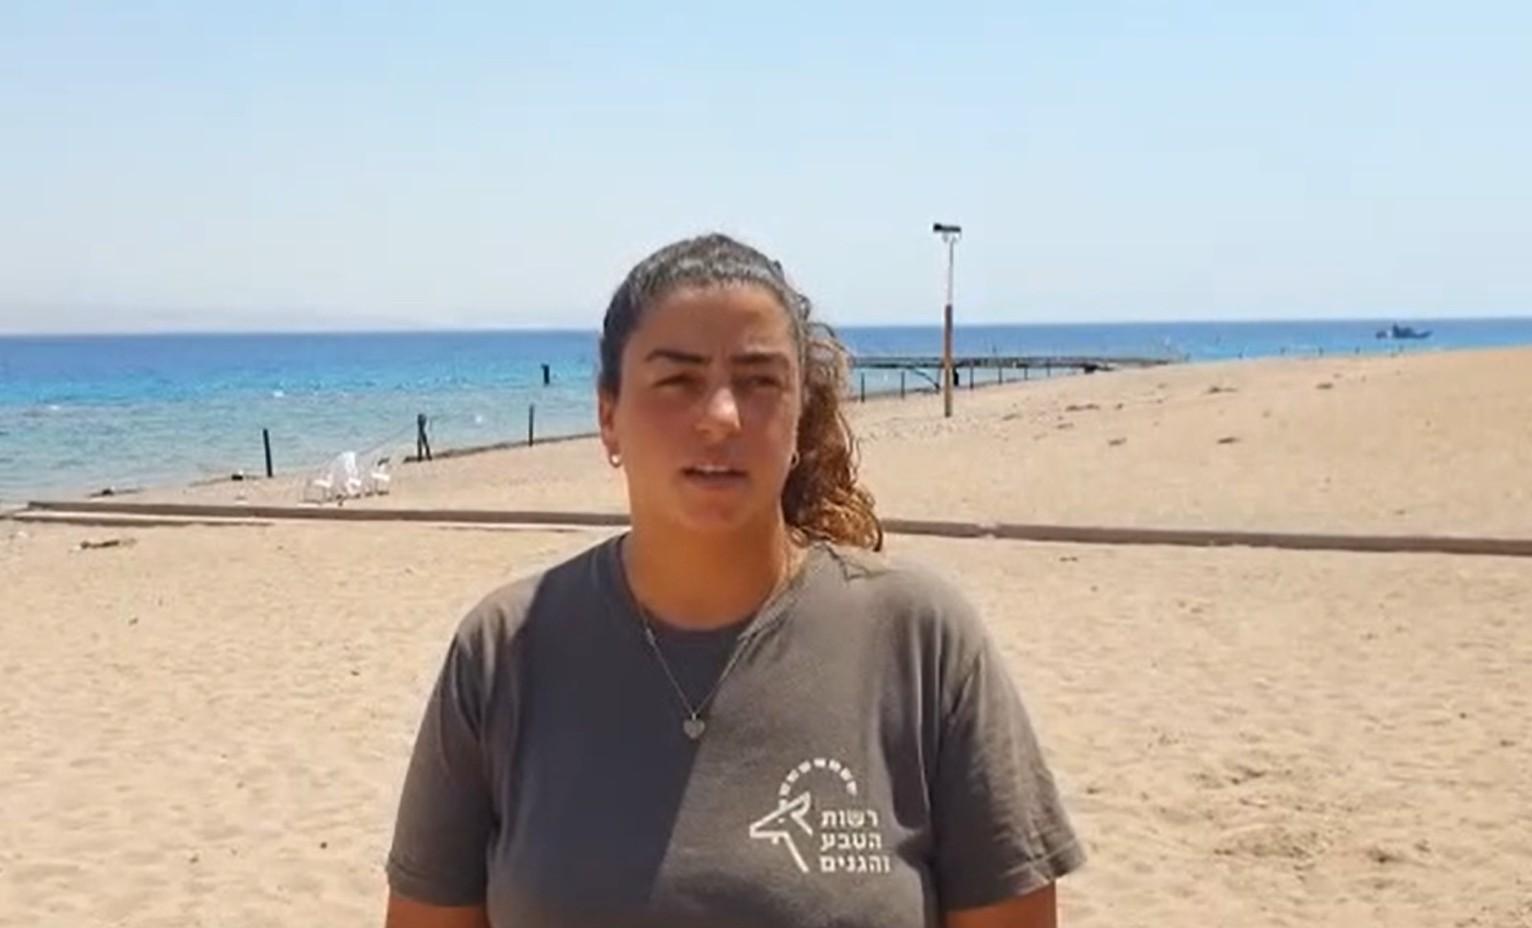 עקב הסגר: חוף שמורת האלמוגים באילת ייסגר לציבור